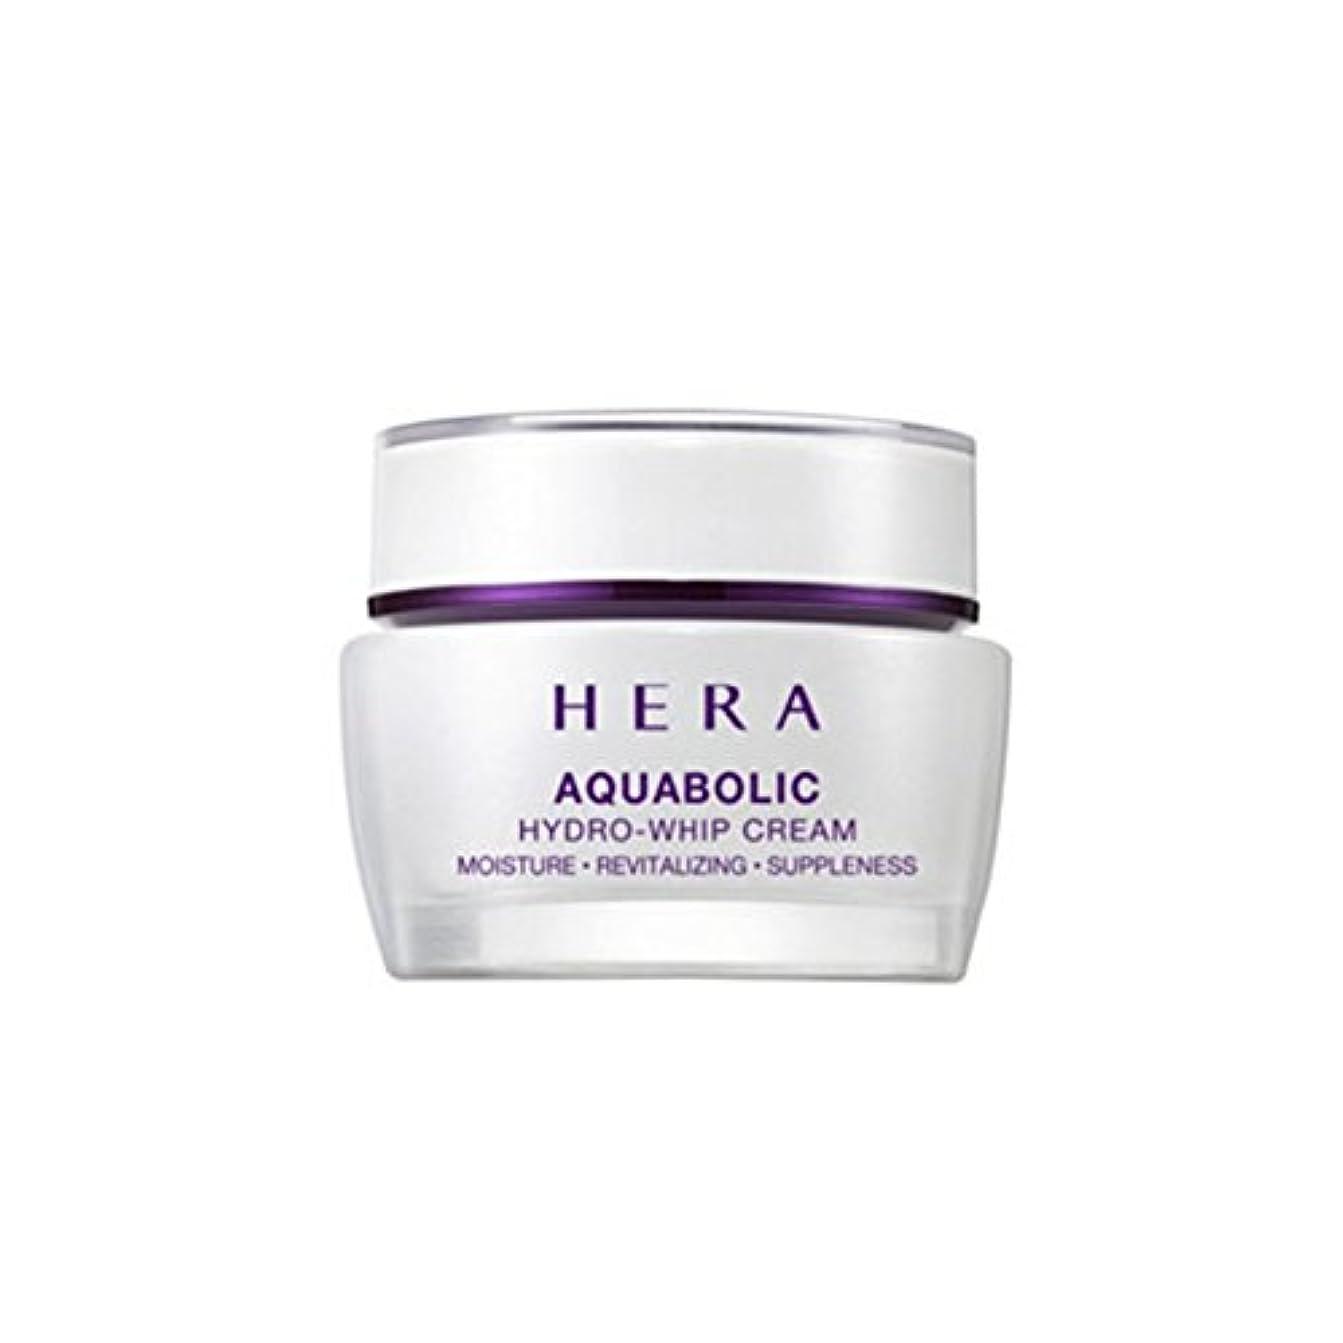 書道オーブン飼い慣らす(ヘラ) HERA Aquabolic Hydro-Whip Cream アクアボリックハイドロホイップ クリーム (韓国直発送) oopspanda